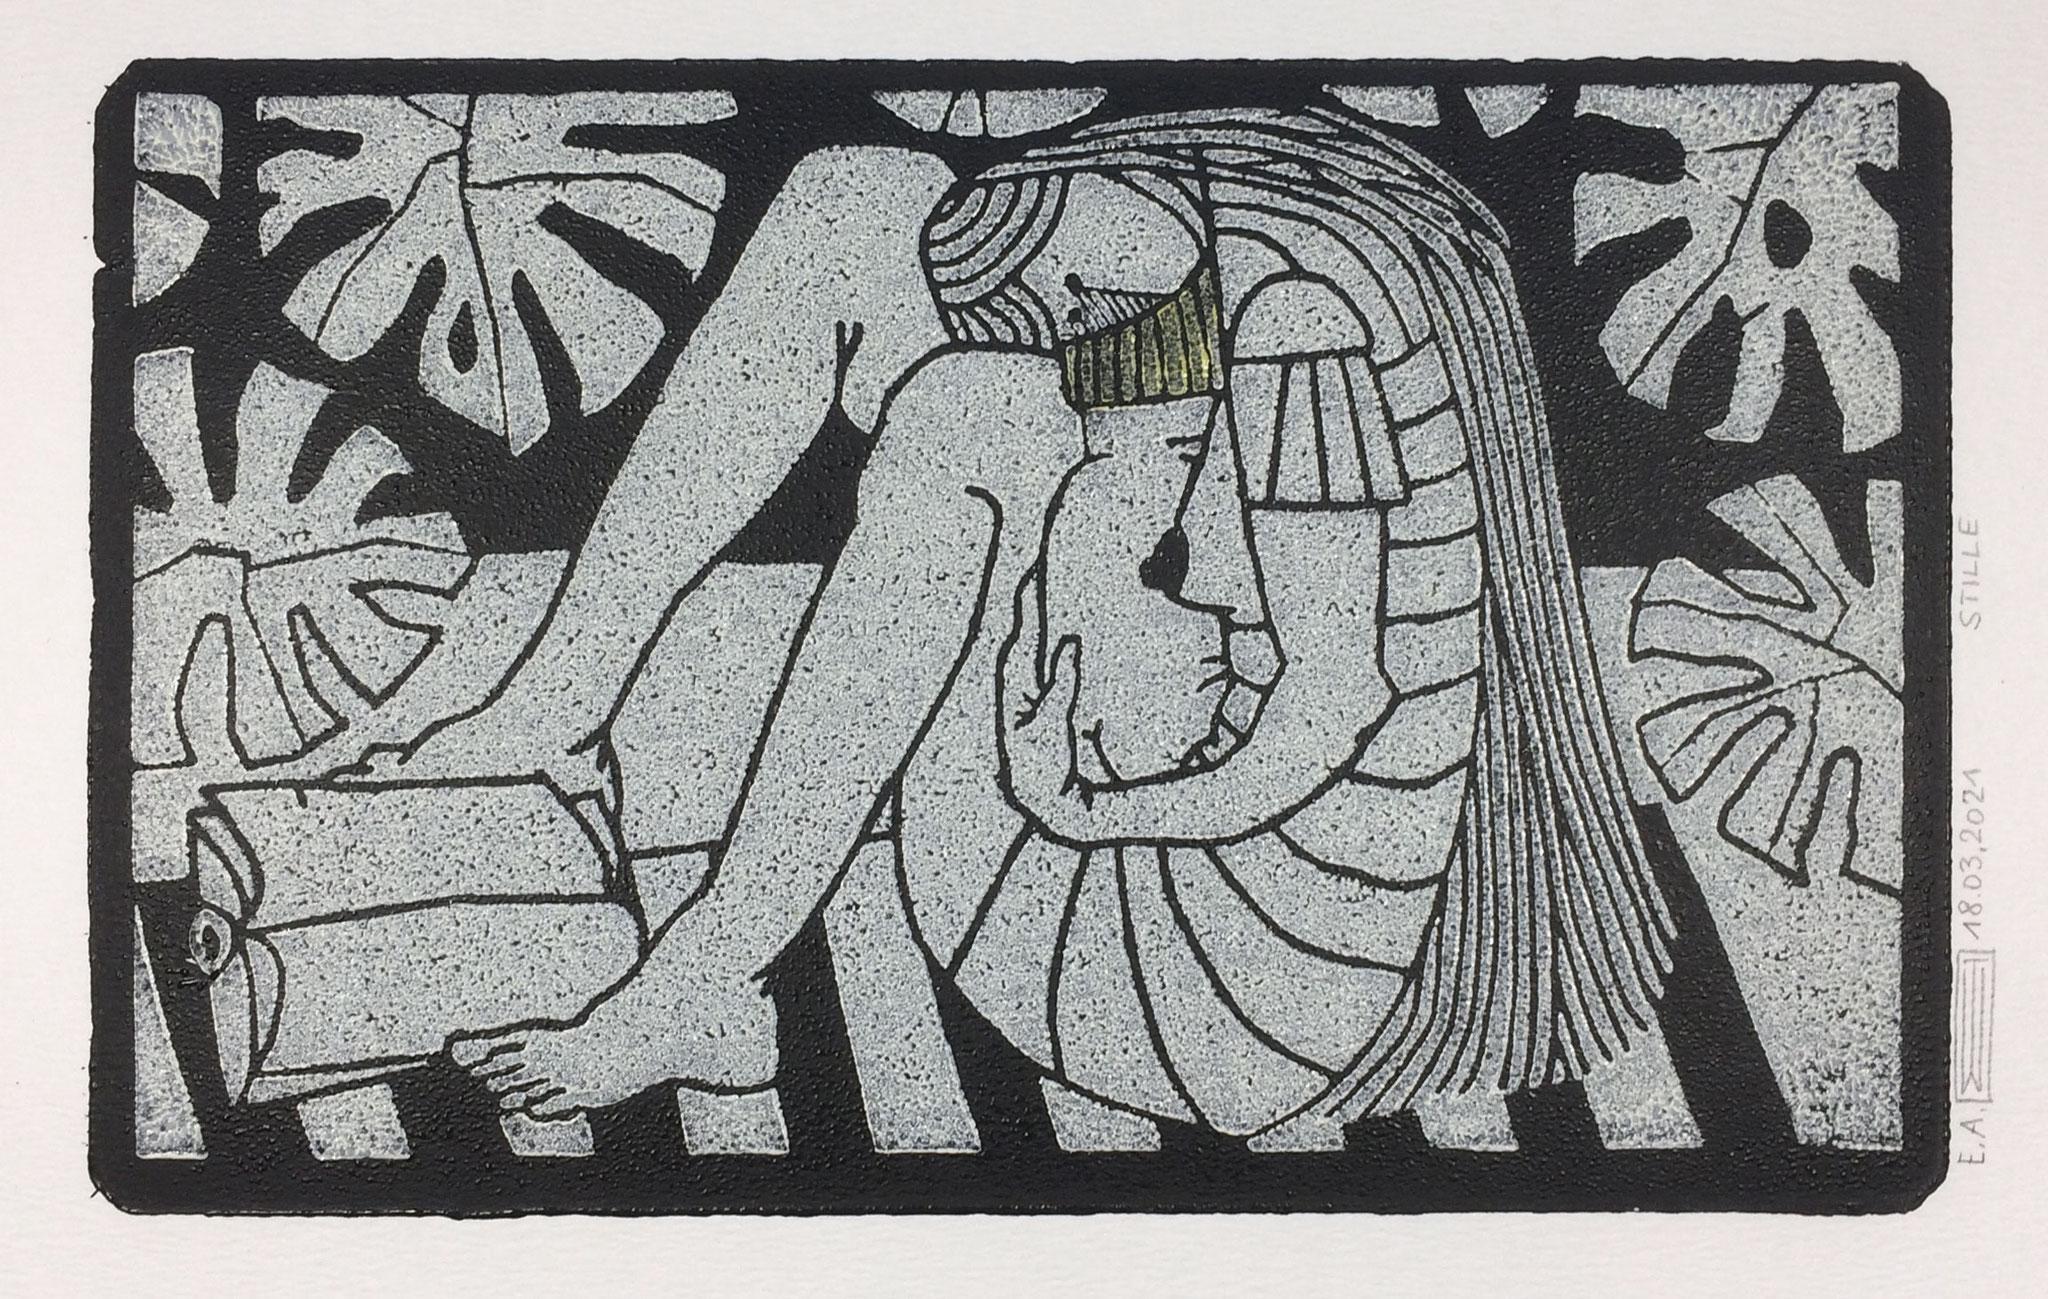 Stille, Linoldruck, 21 x 13 cm